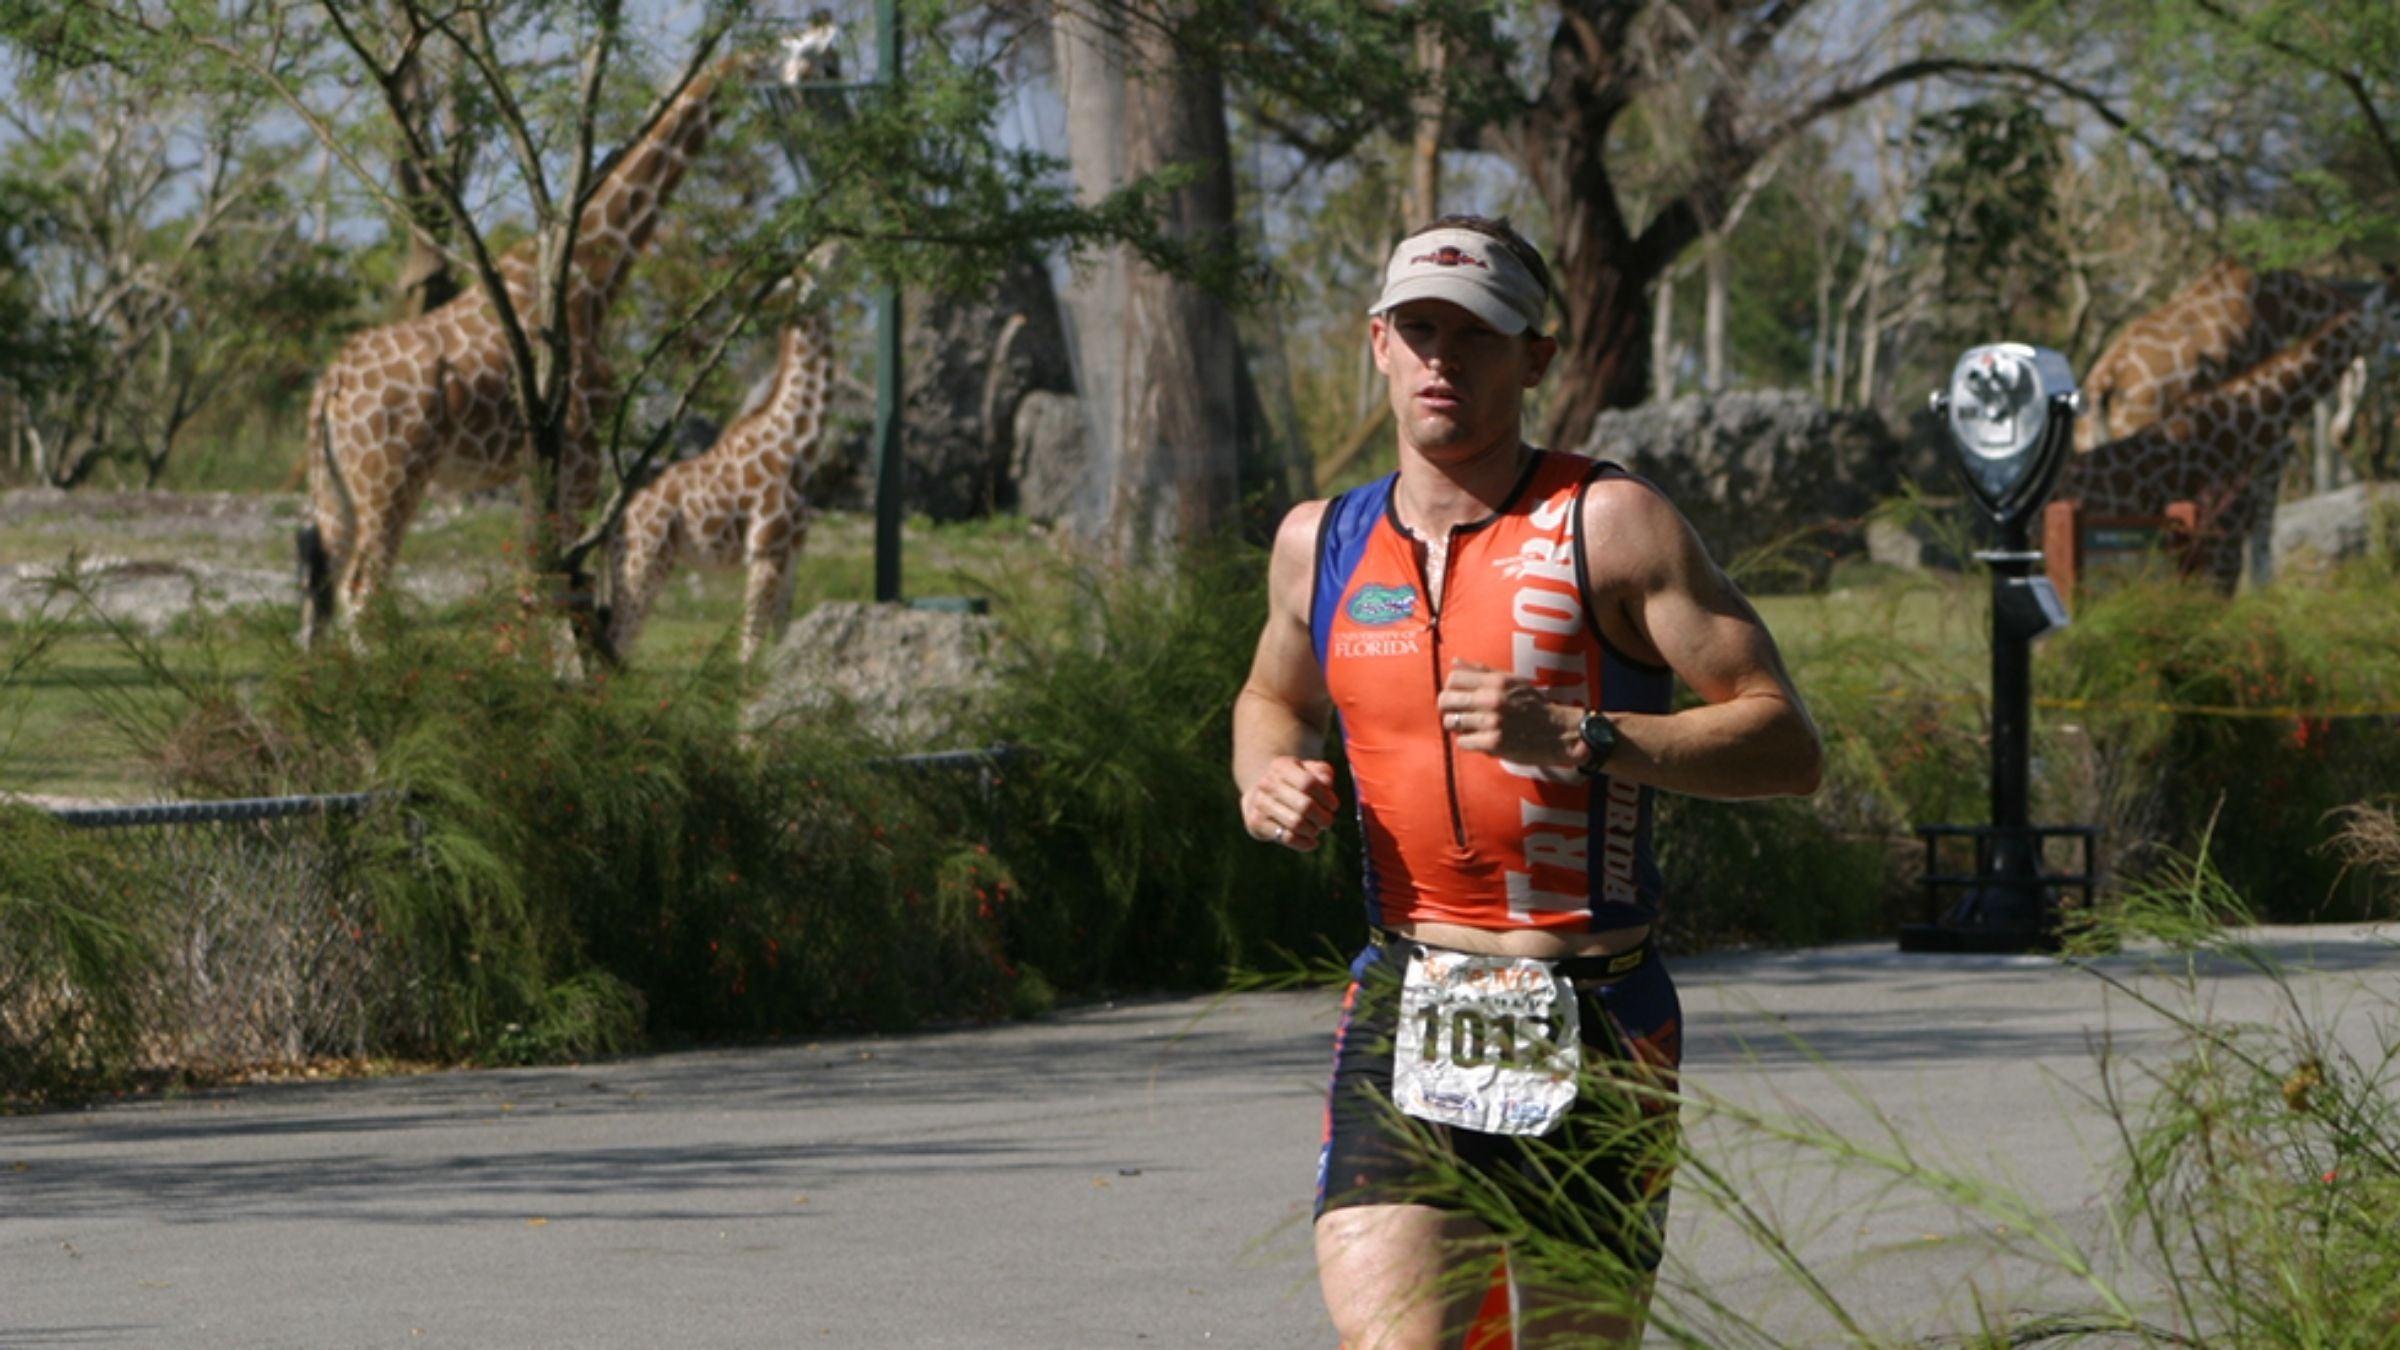 A man runs through the giraffe habitat at the zoo during the Miami Man triathlon.